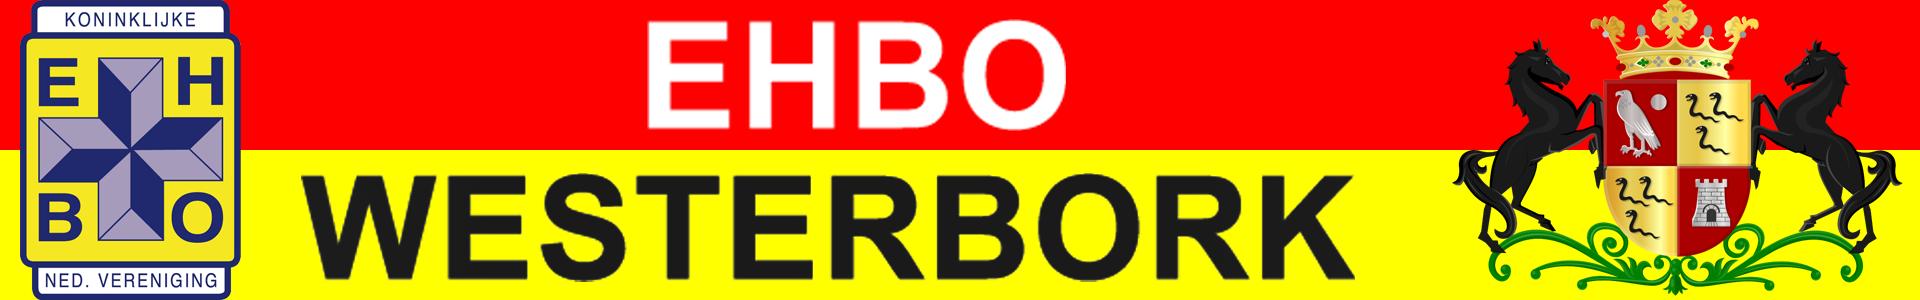 EHBO Westerbork